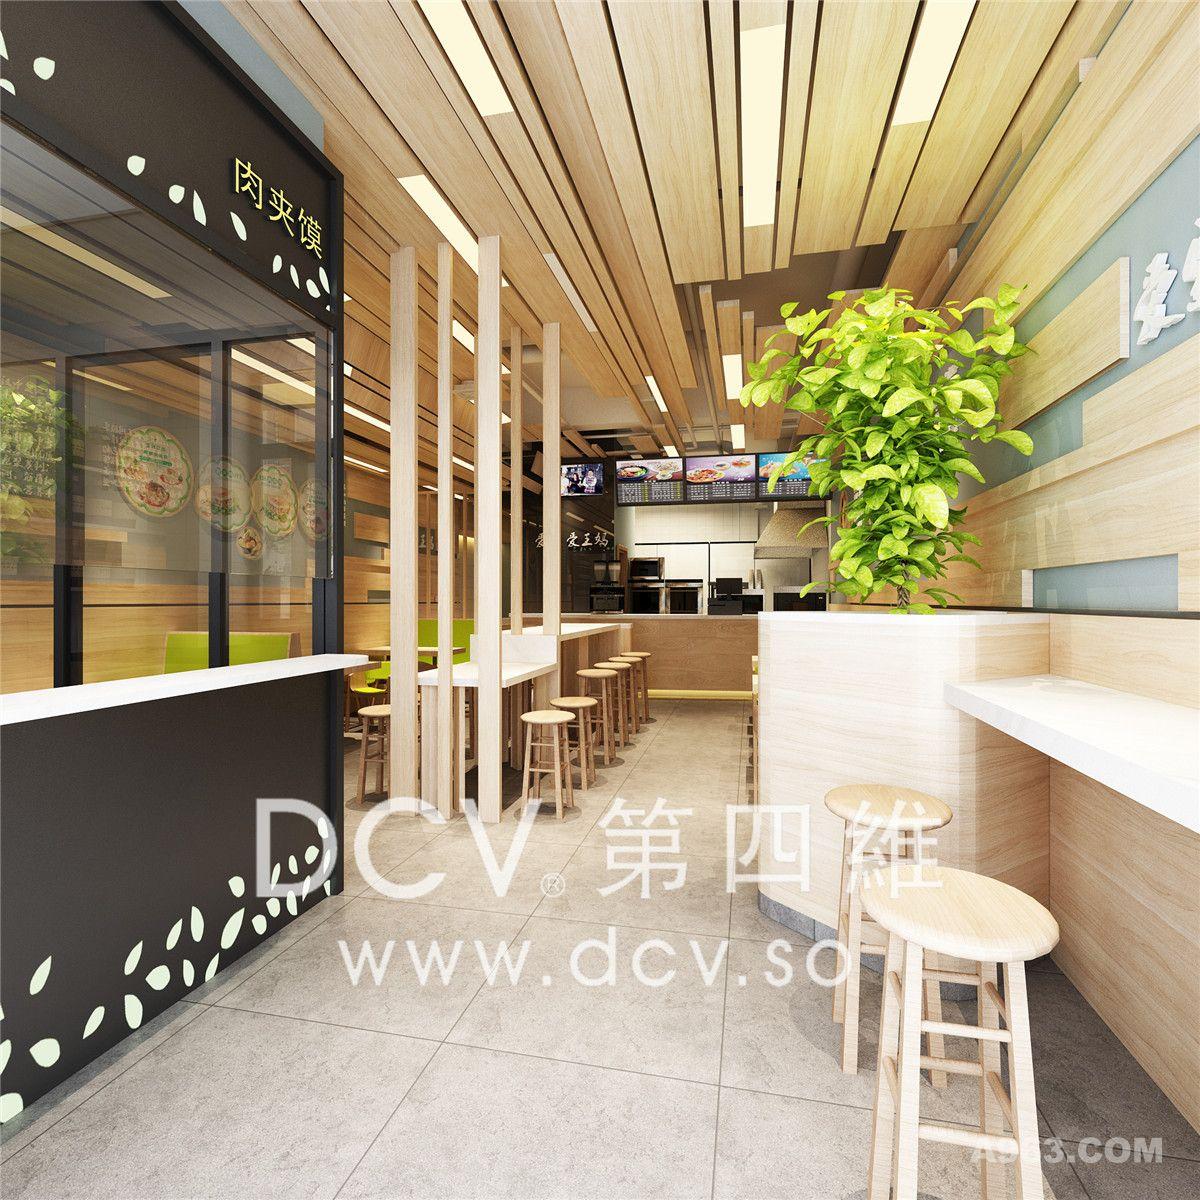 西安连锁餐饮设计-王妈凉皮现代风格餐厅(商洛店)